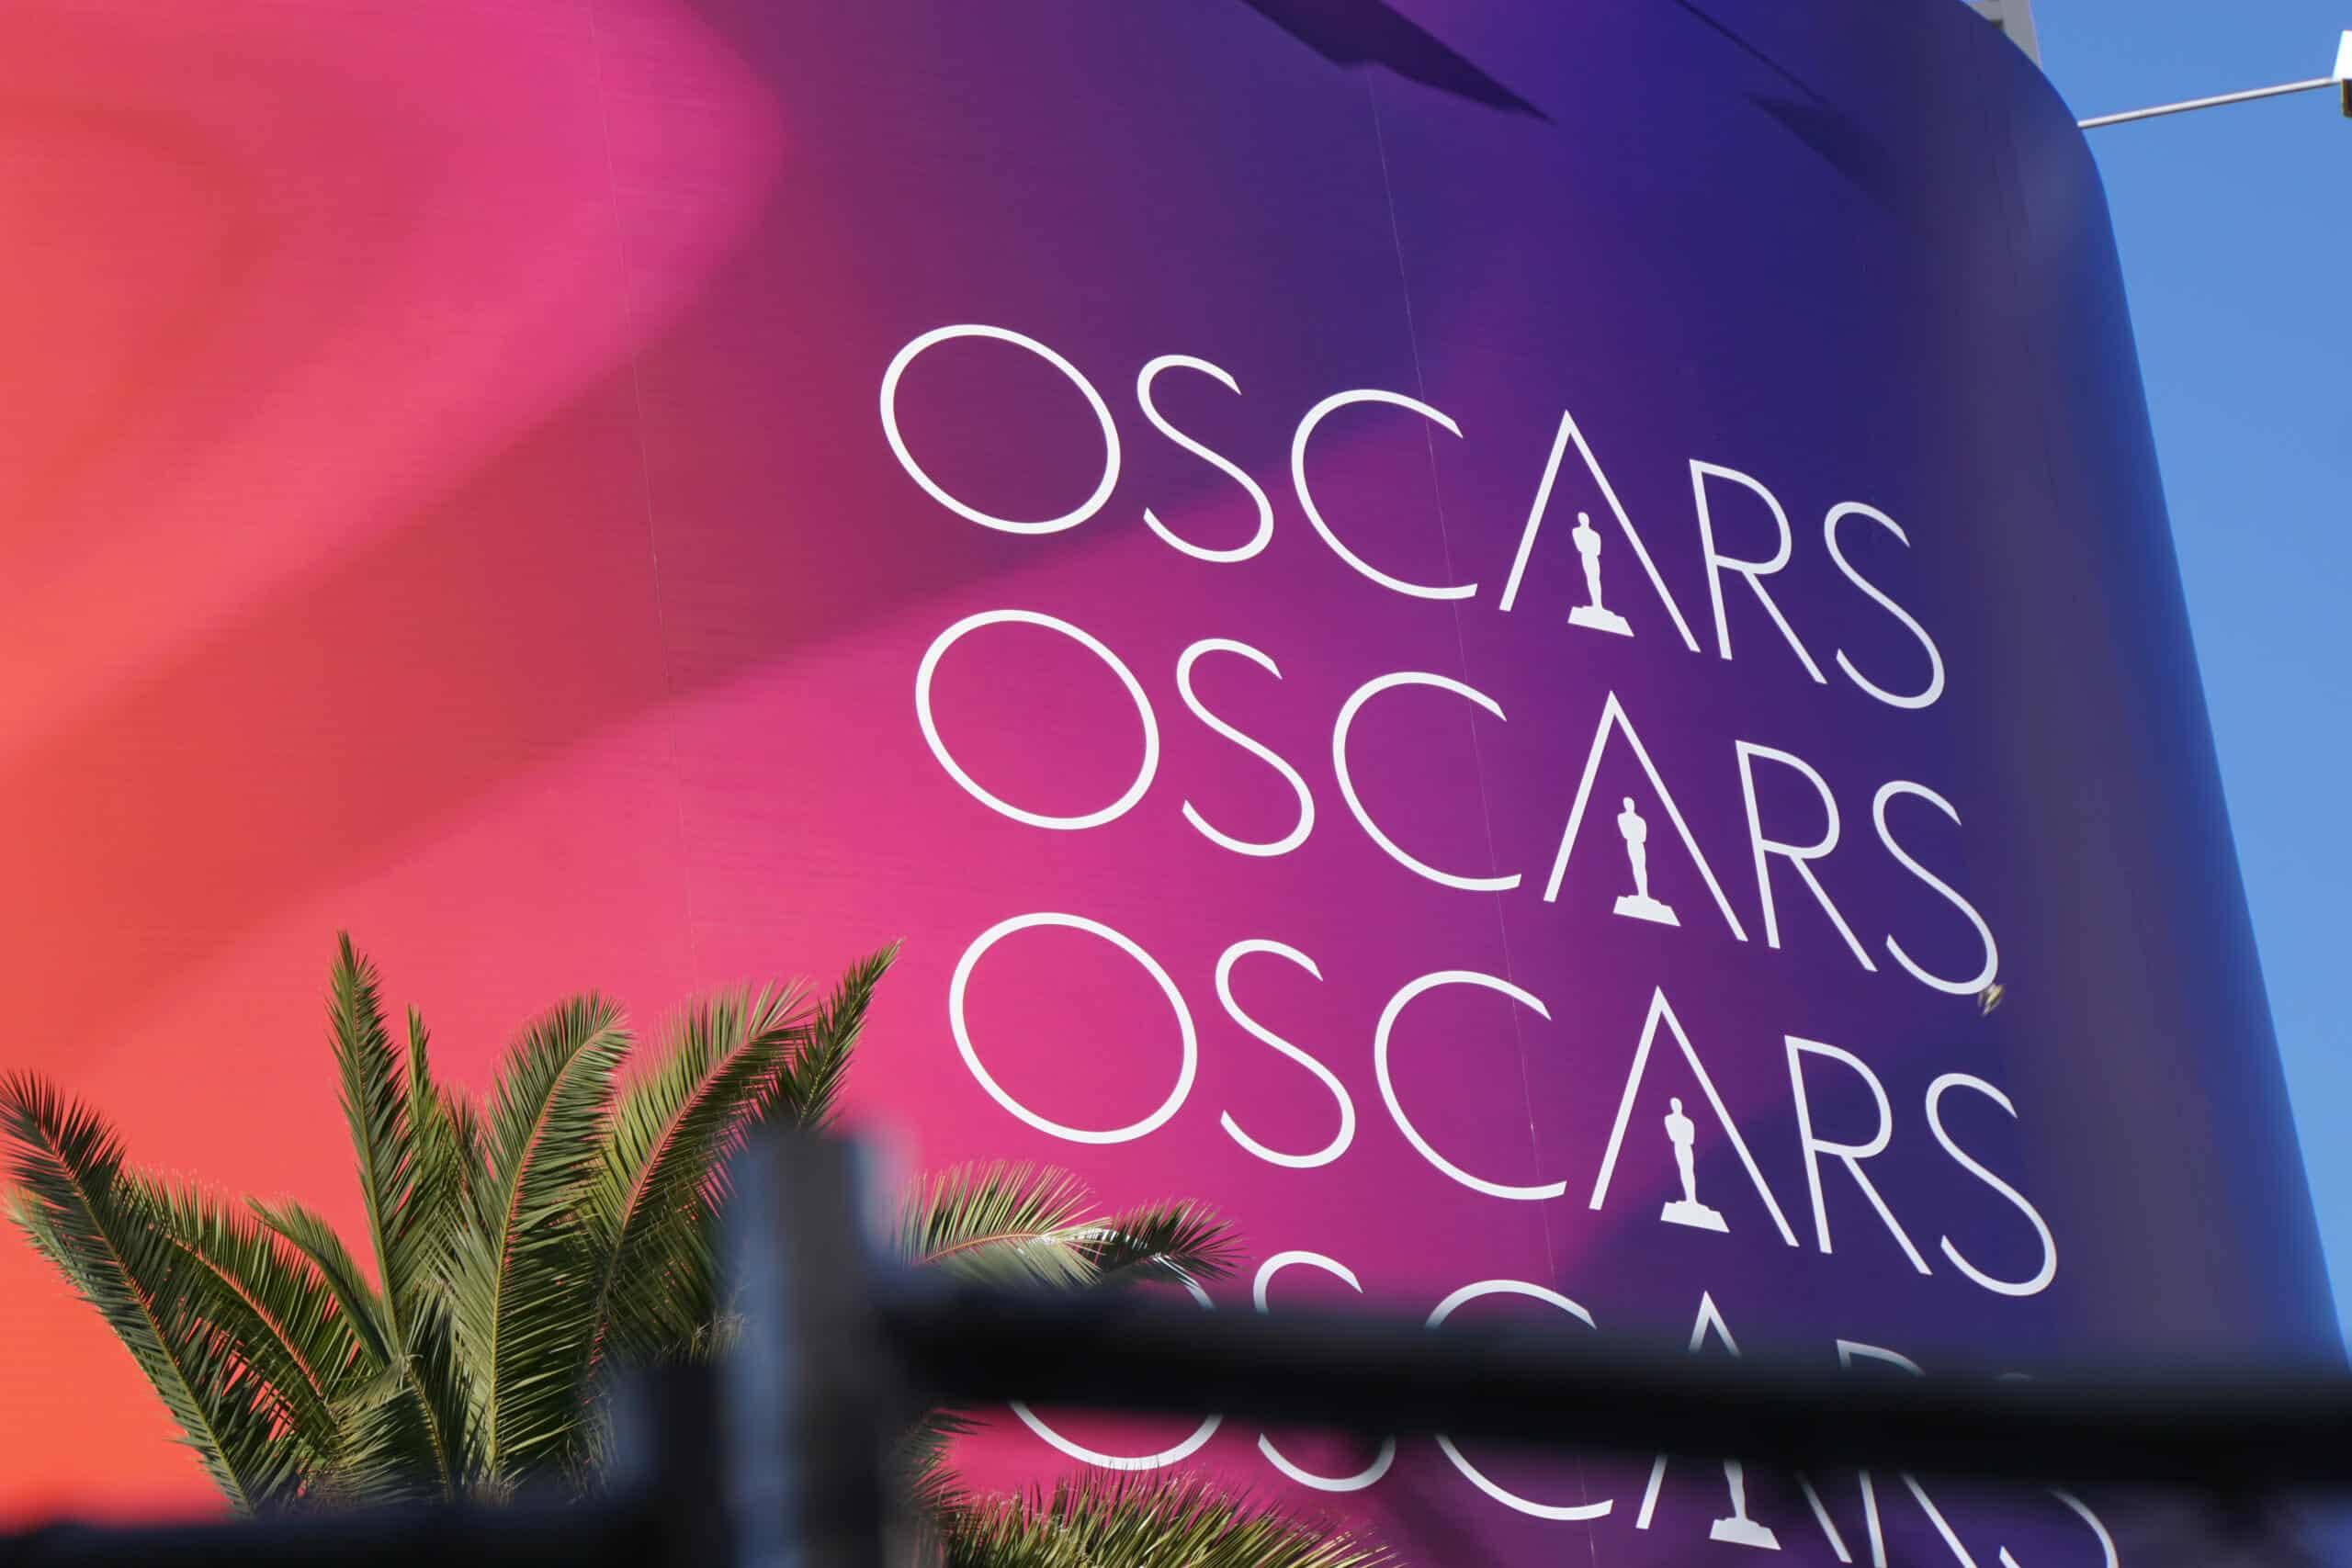 Oscars 2021 - Netflix